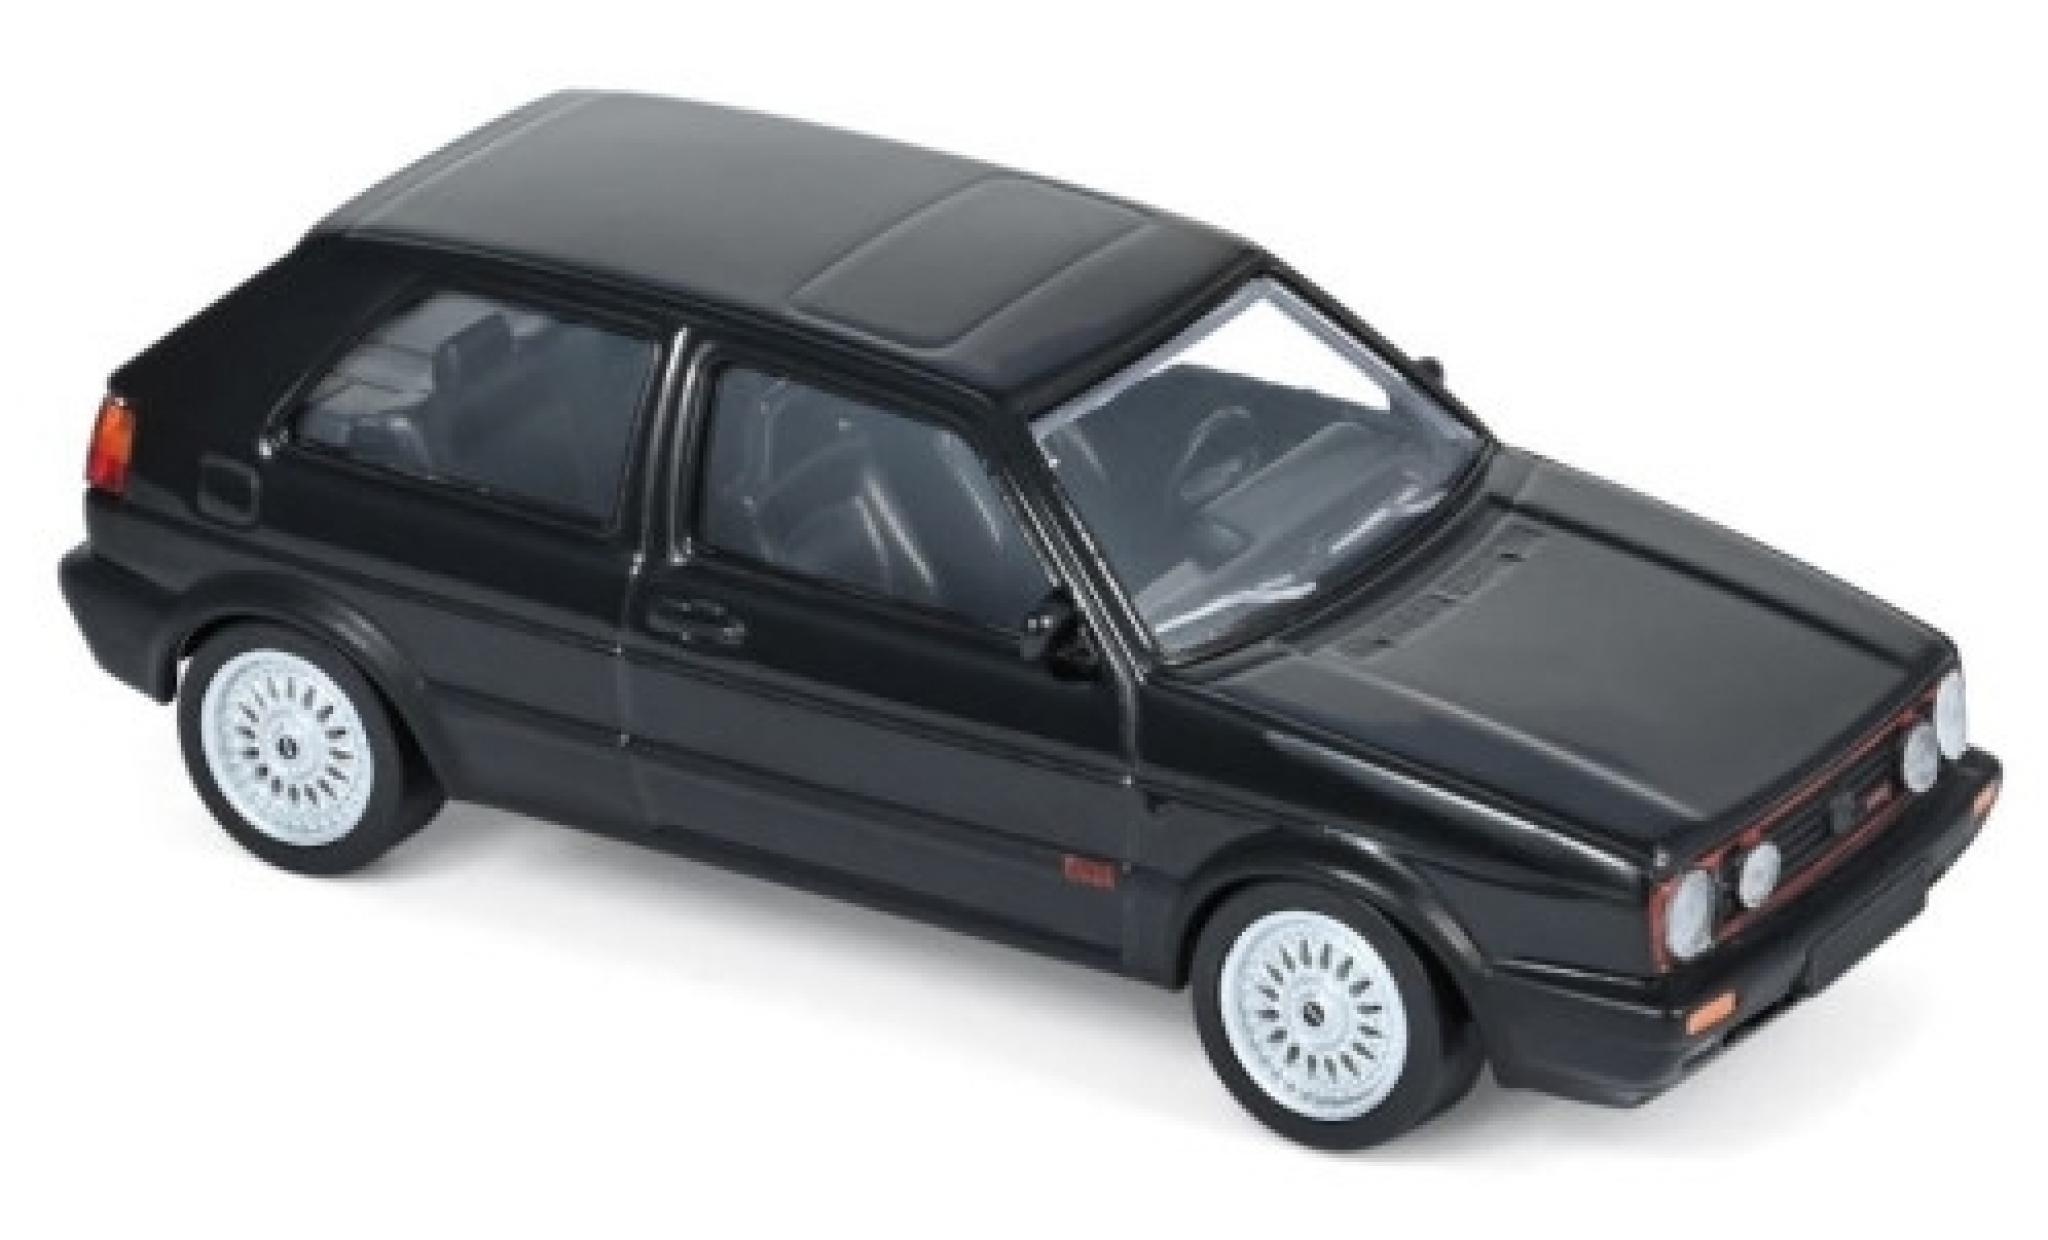 Volkswagen Golf 1/43 Norev II GTI G60 noire 1990 Jetcar